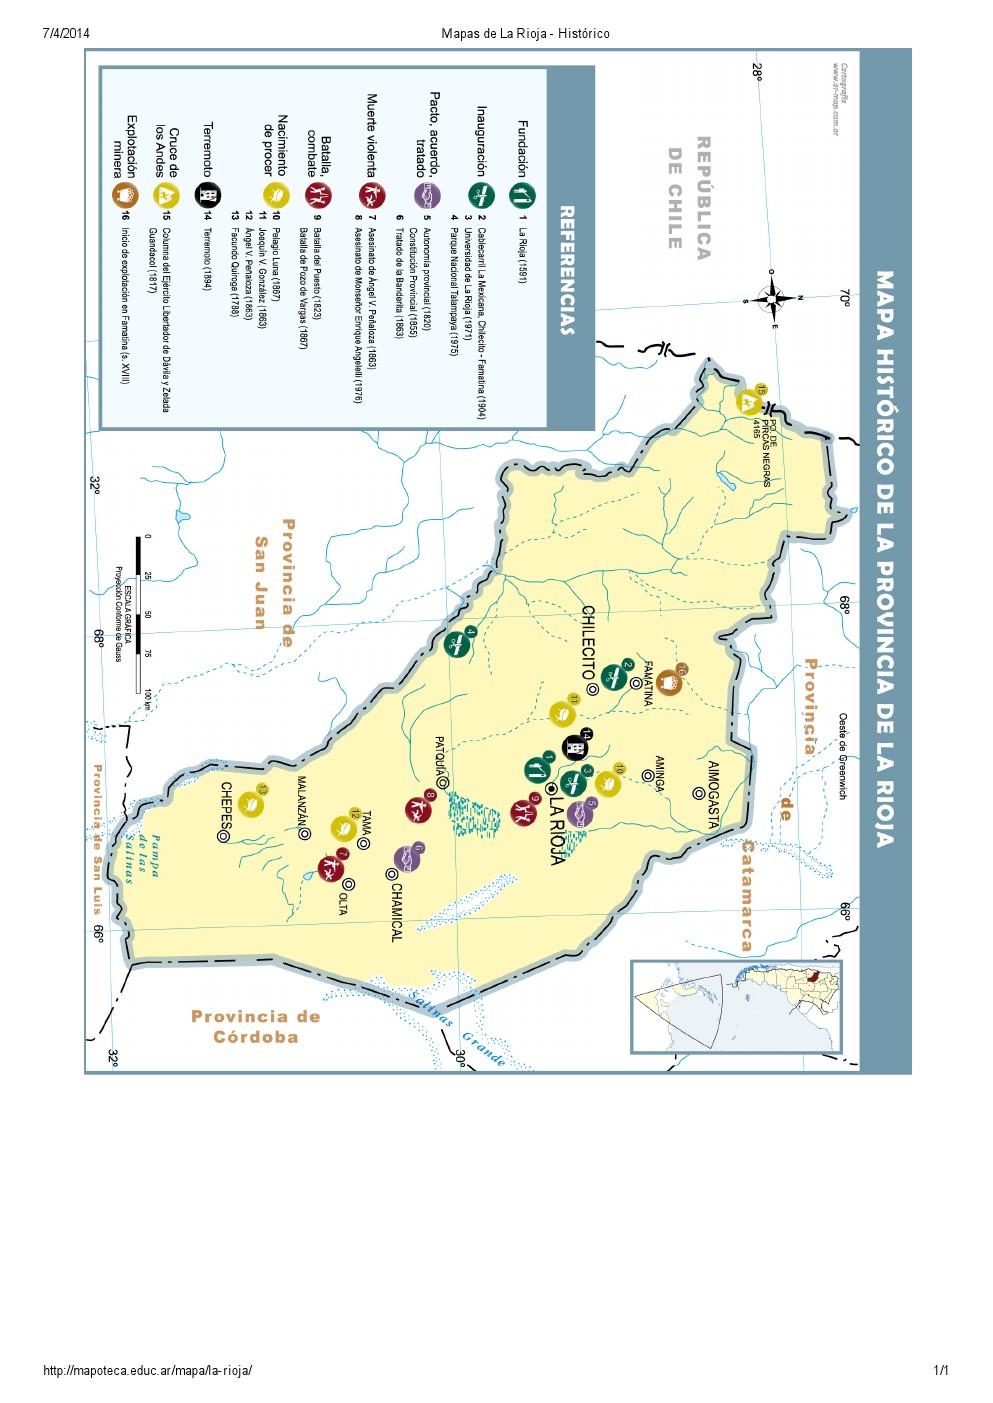 Mapa histórico de La Rioja. Mapoteca de Educ.ar